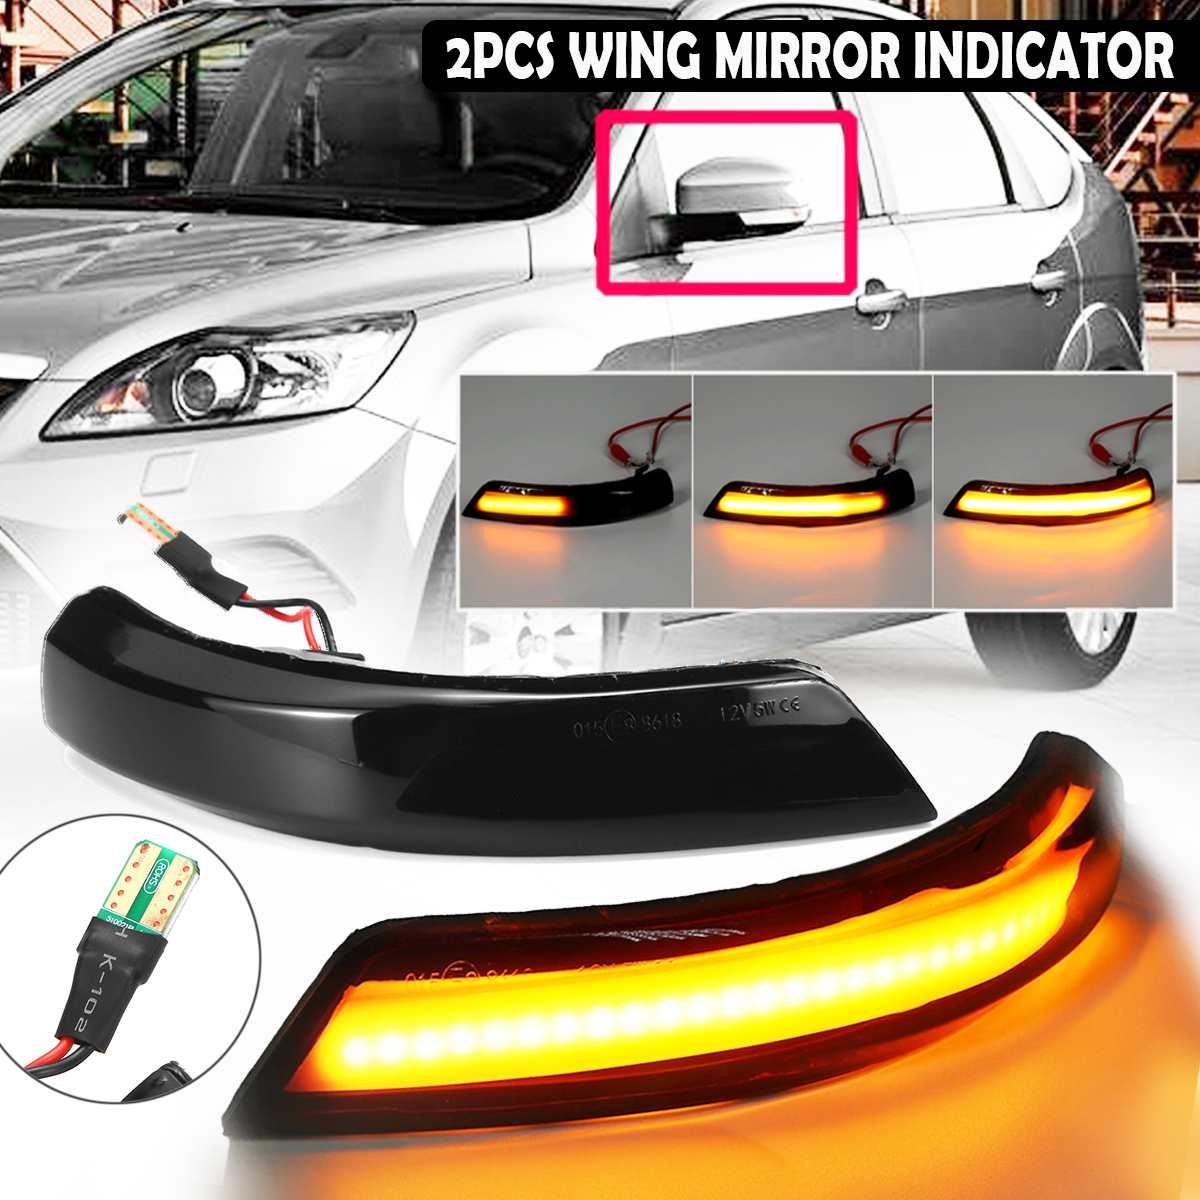 2 pces que flui a luz do sinal de volta conduziu o indicador dinâmico do espelho retrovisor lateral da asa para ford focus mk2 mk3 08-16 mondeo mk4